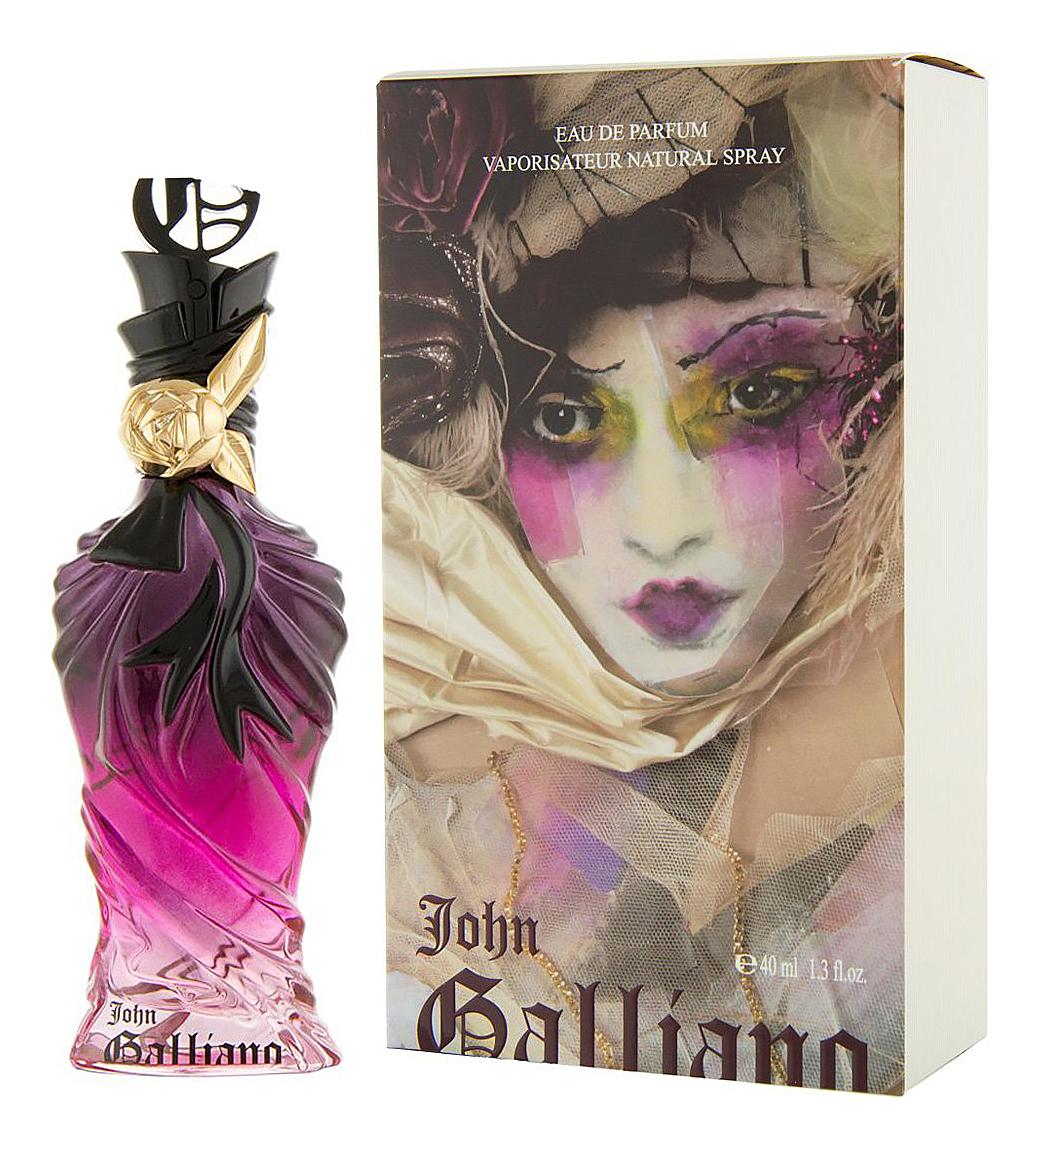 цена на John Galliano: парфюмерная вода 40мл